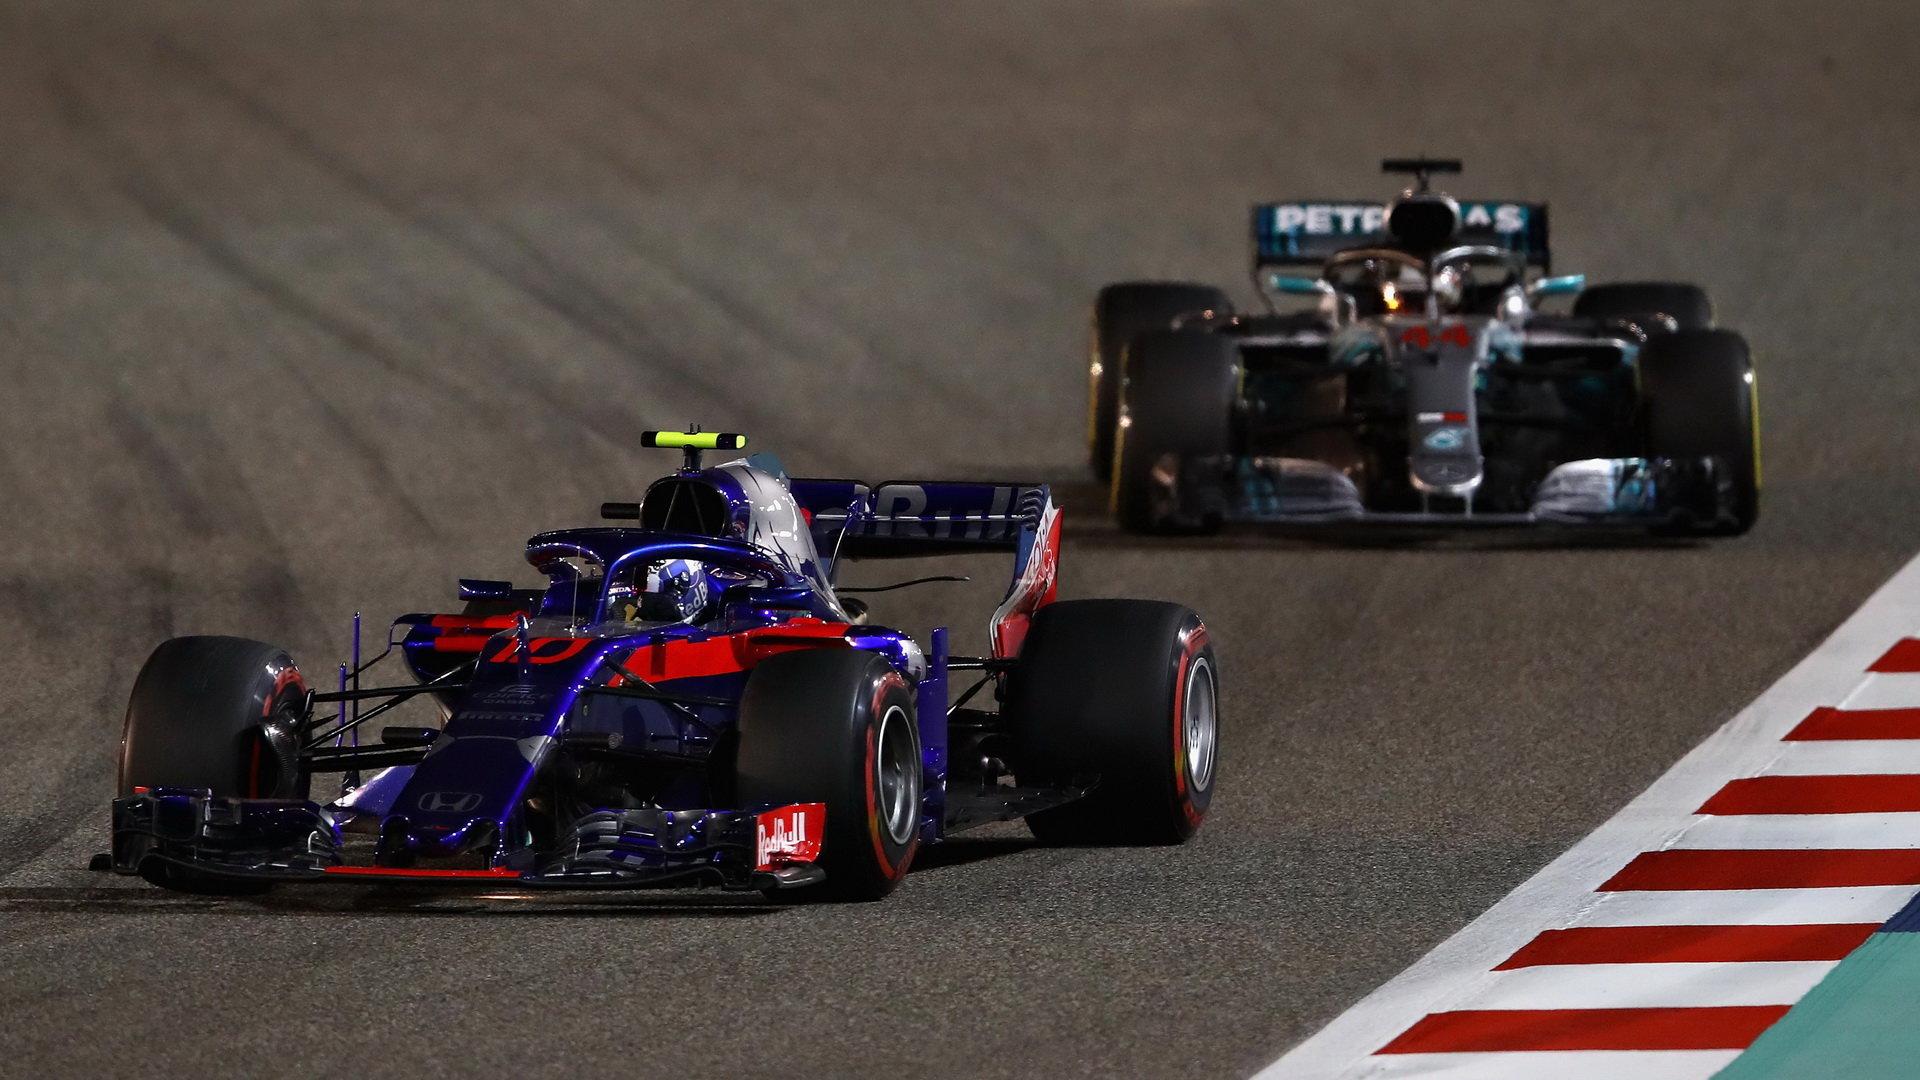 Hvězdou Bahrajnu byl Pierre Gasly poháněný Hondou, s kterou se McLaren po mizerných třech letech loni rozešel